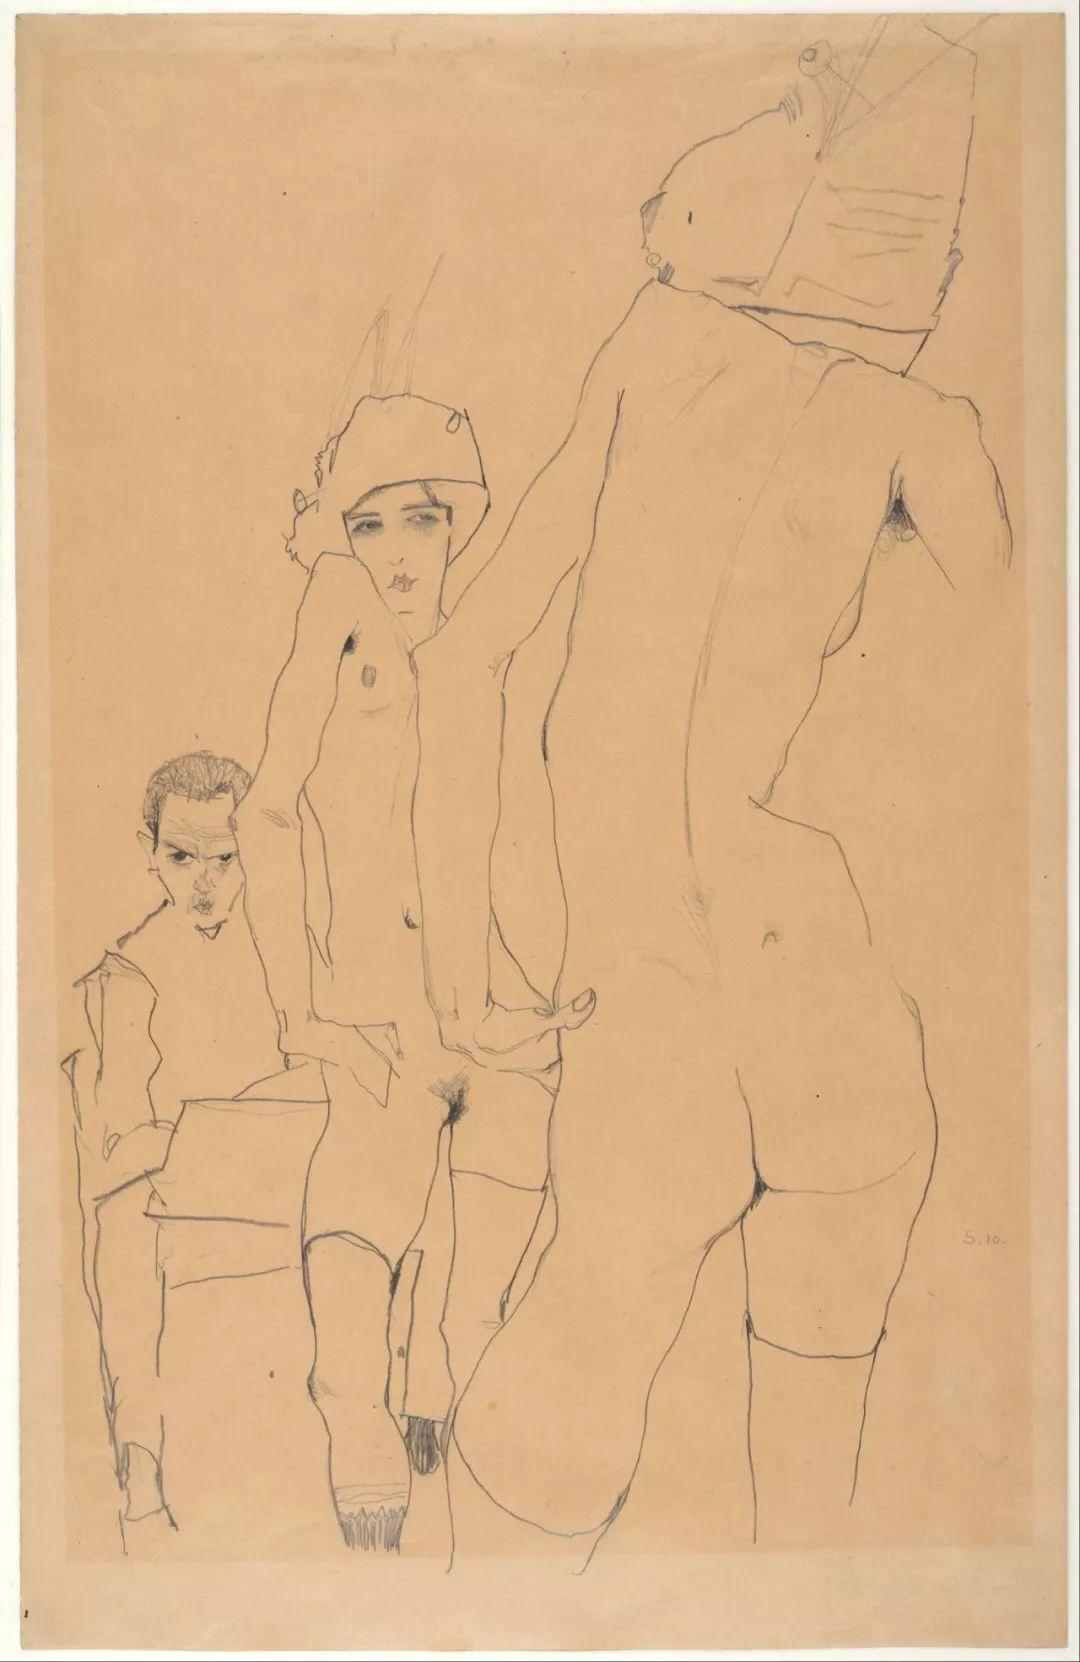 年仅28岁,生前遭受非议,死后却被捧为直逼心灵的艺术家插图183